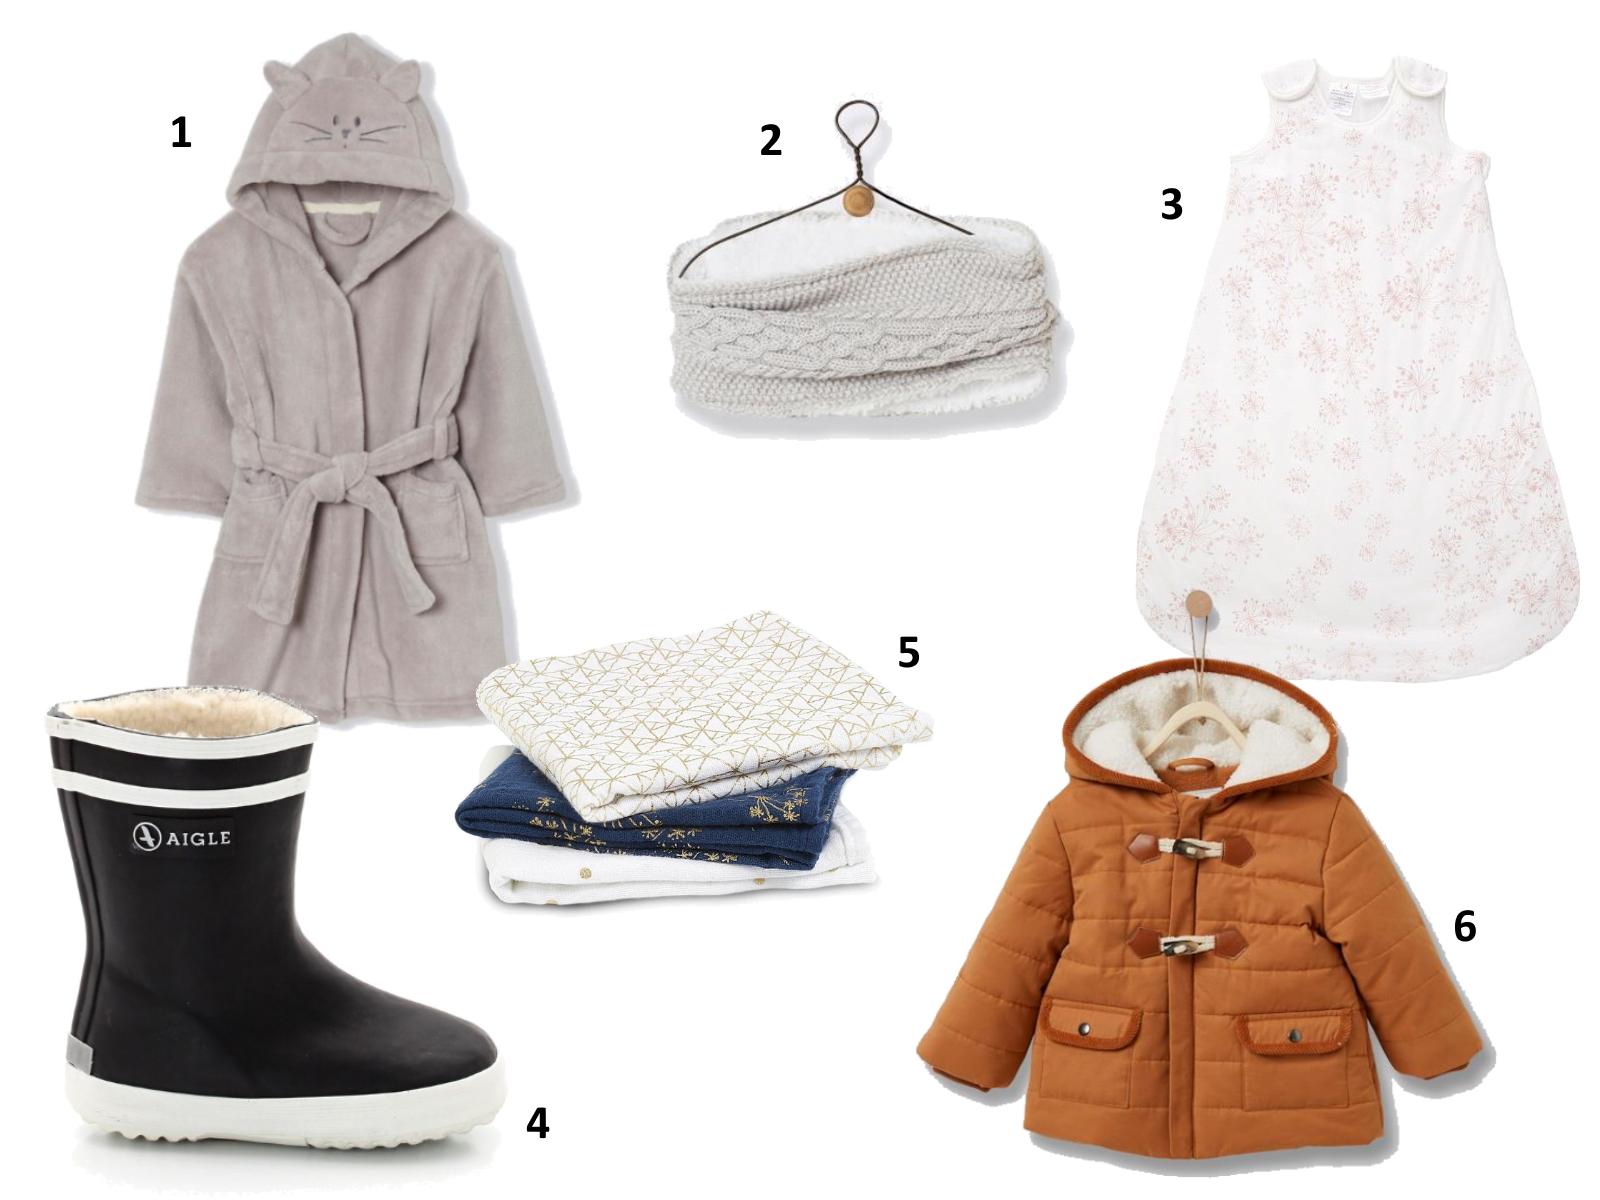 idées cadeaux sélection enfant bébé noel 6 à 12 mois jouets éveil petit prix vêtements cyrillus